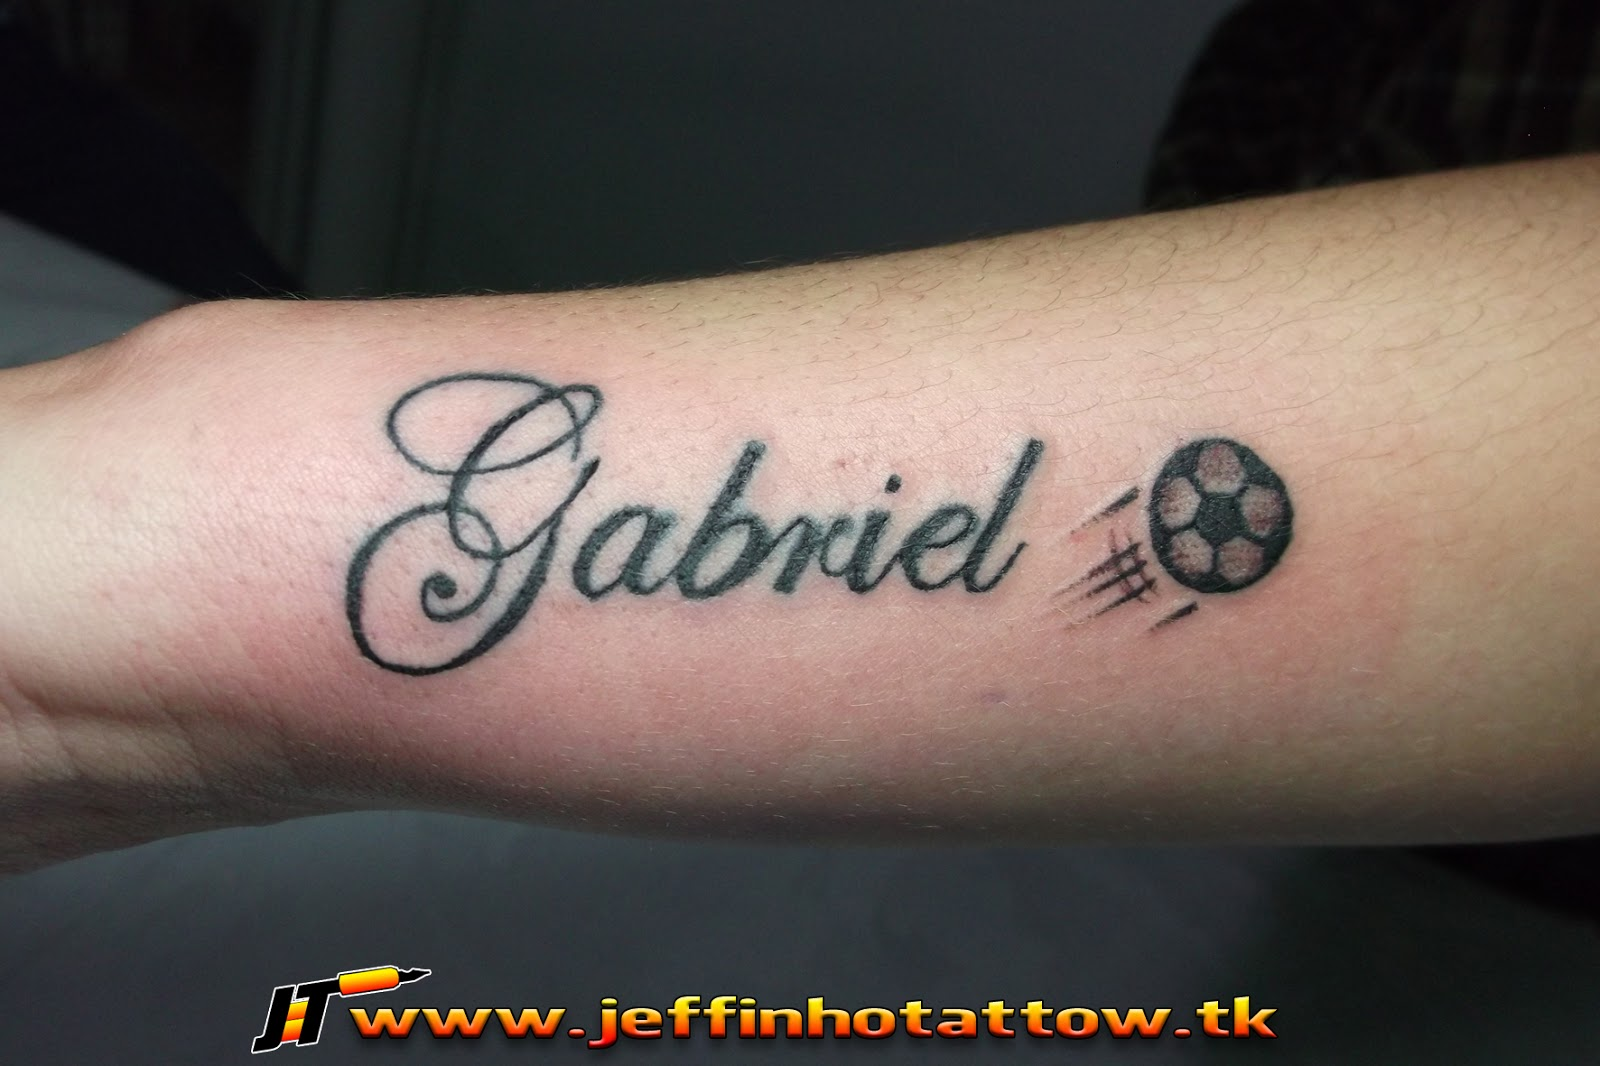 Jeffinho tattow tatuador tatuagens de letras 4 altavistaventures Gallery